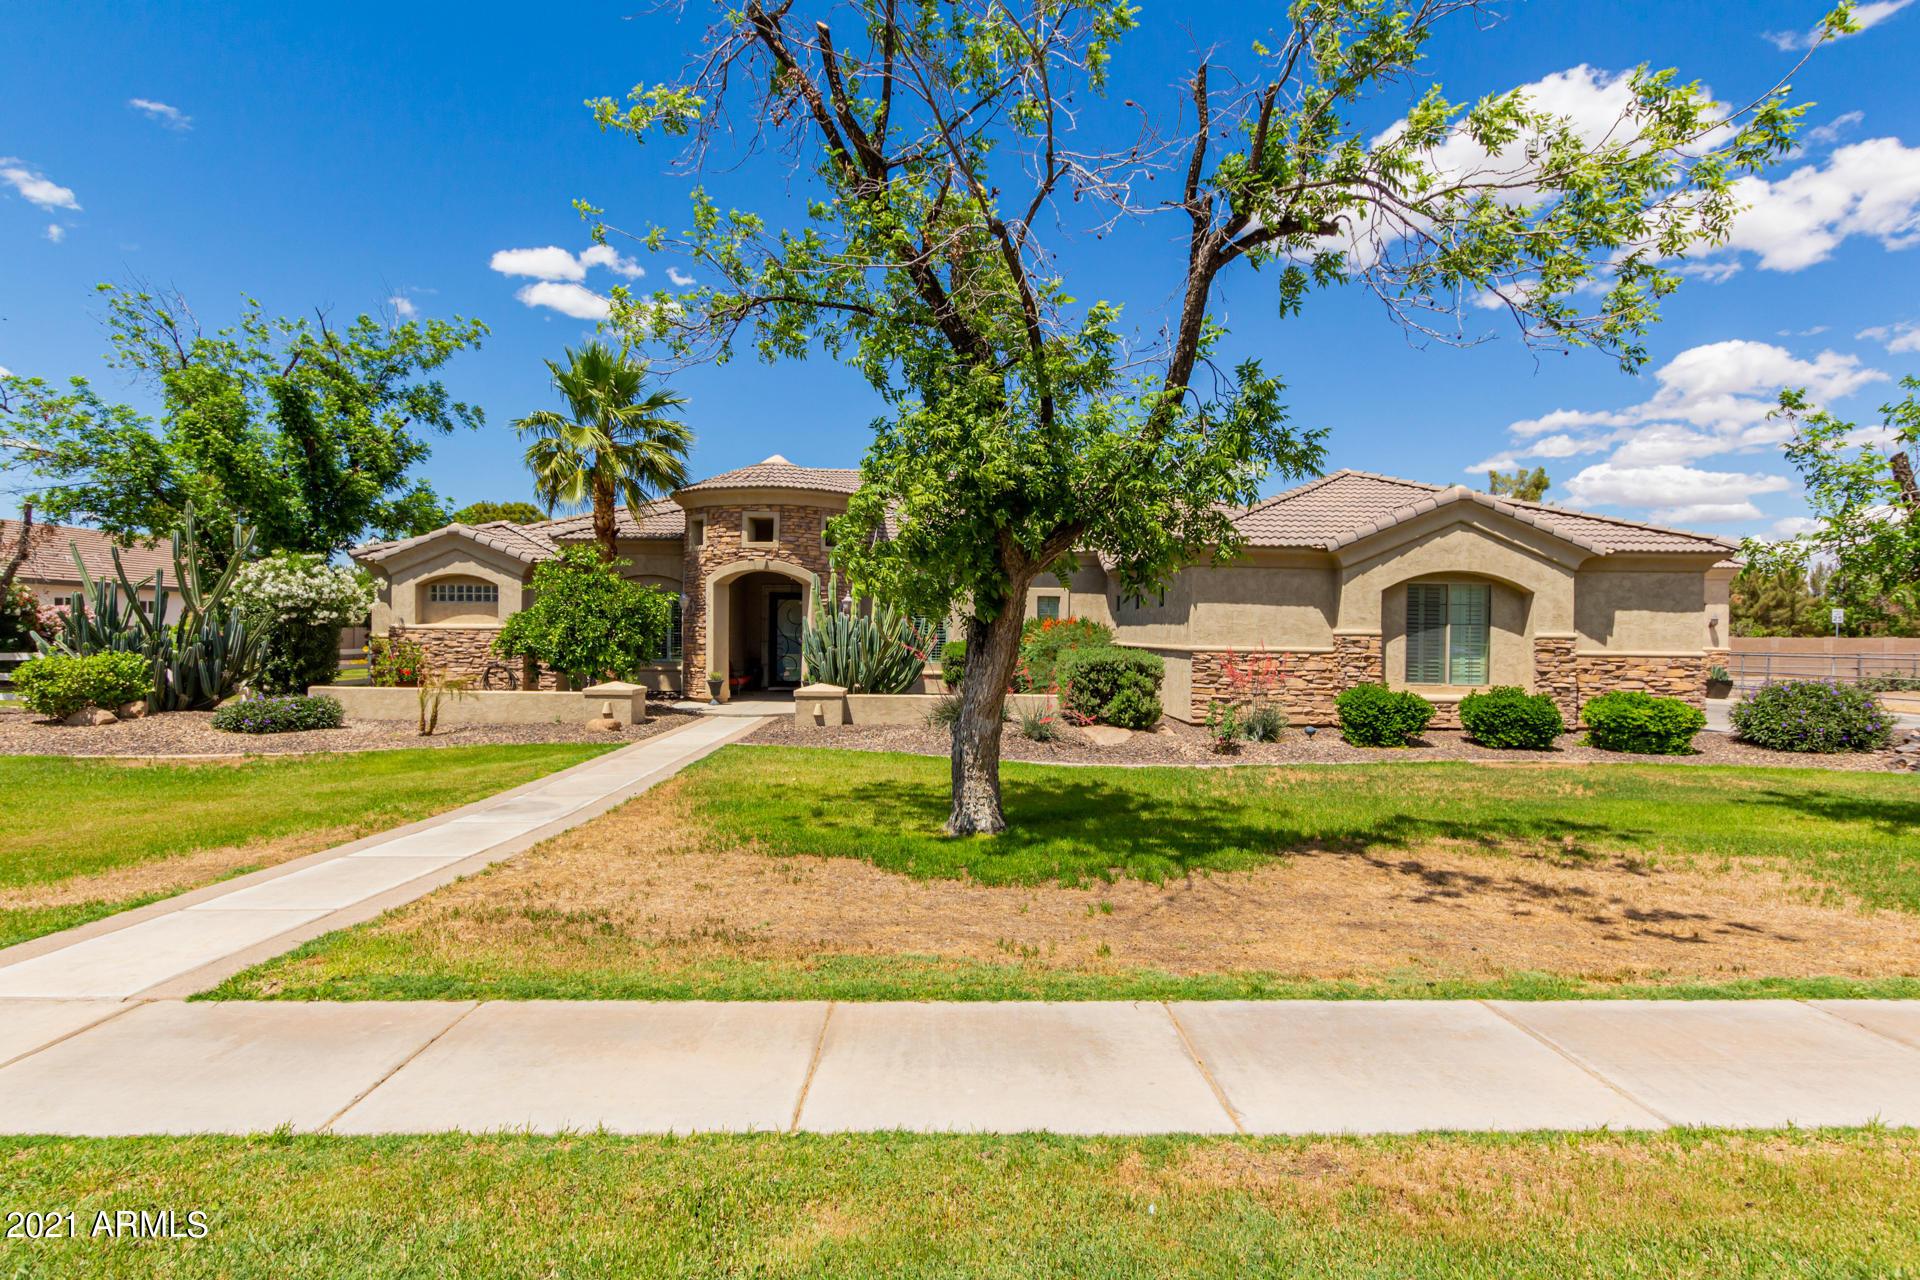 20378 PECAN Lane, Queen Creek, Arizona 85142, 5 Bedrooms Bedrooms, ,3.5 BathroomsBathrooms,Residential,For Sale,PECAN,6228383